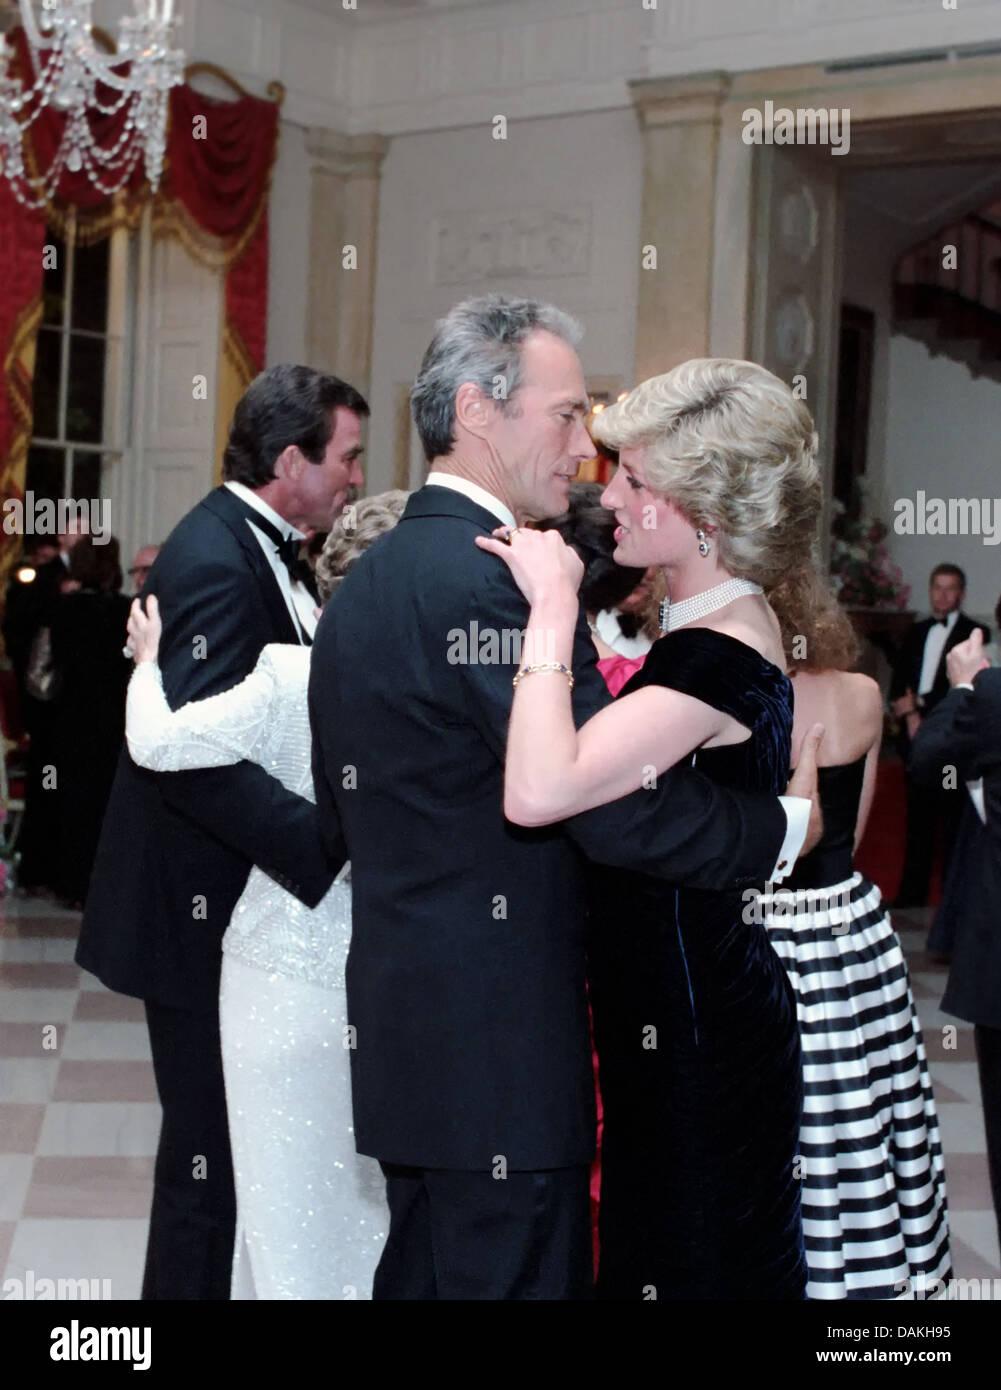 Diana, princesse de Galles danse avec Clint Eastwood acteur lors d'un dîner de gala à la Maison Blanche en son honneur le 9 novembre 1985 à Washington, DC. Banque D'Images